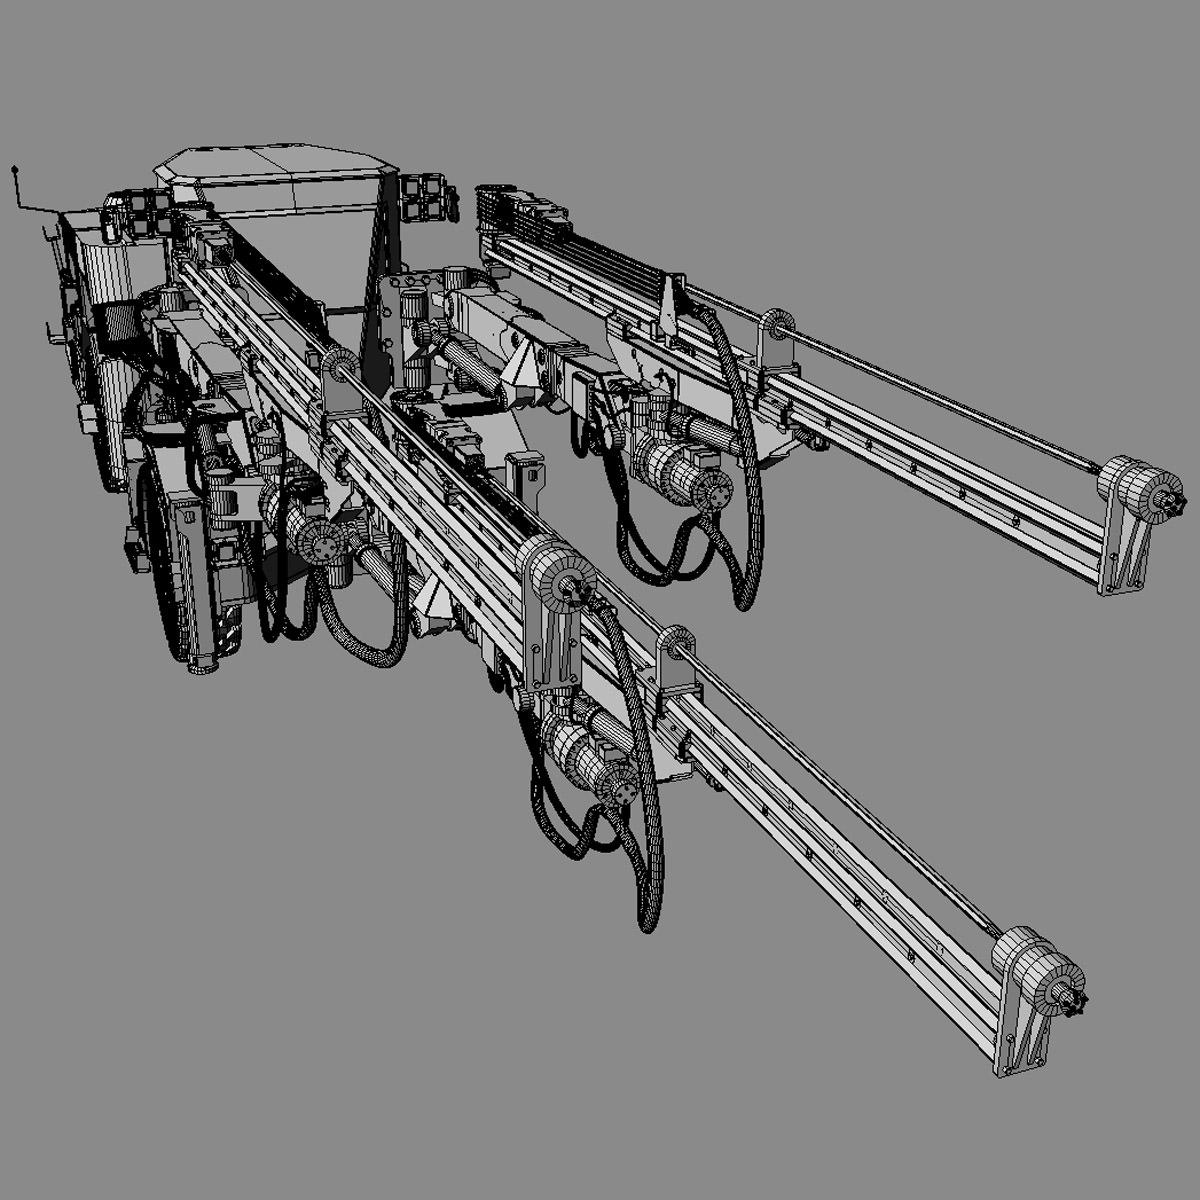 Sandvik Dd530 Mining Jumbo 3d Model Max Obj 3ds Fbx Lwo Lw